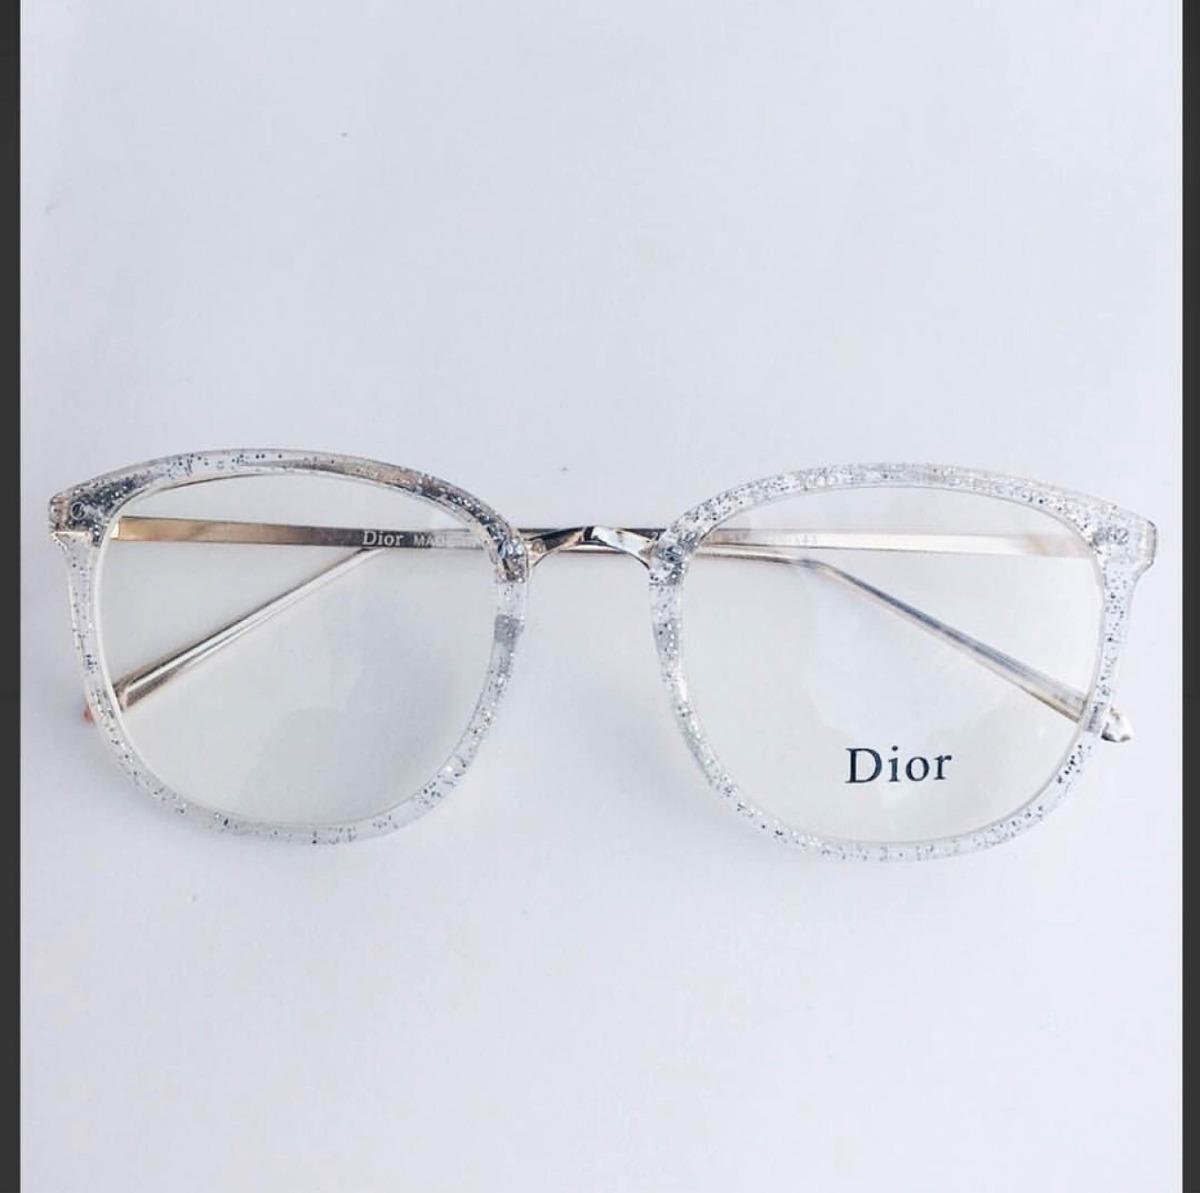 9ef2c43bd Óculos De Grau Dior Feminino Transparente - R$ 110,00 em Mercado Livre